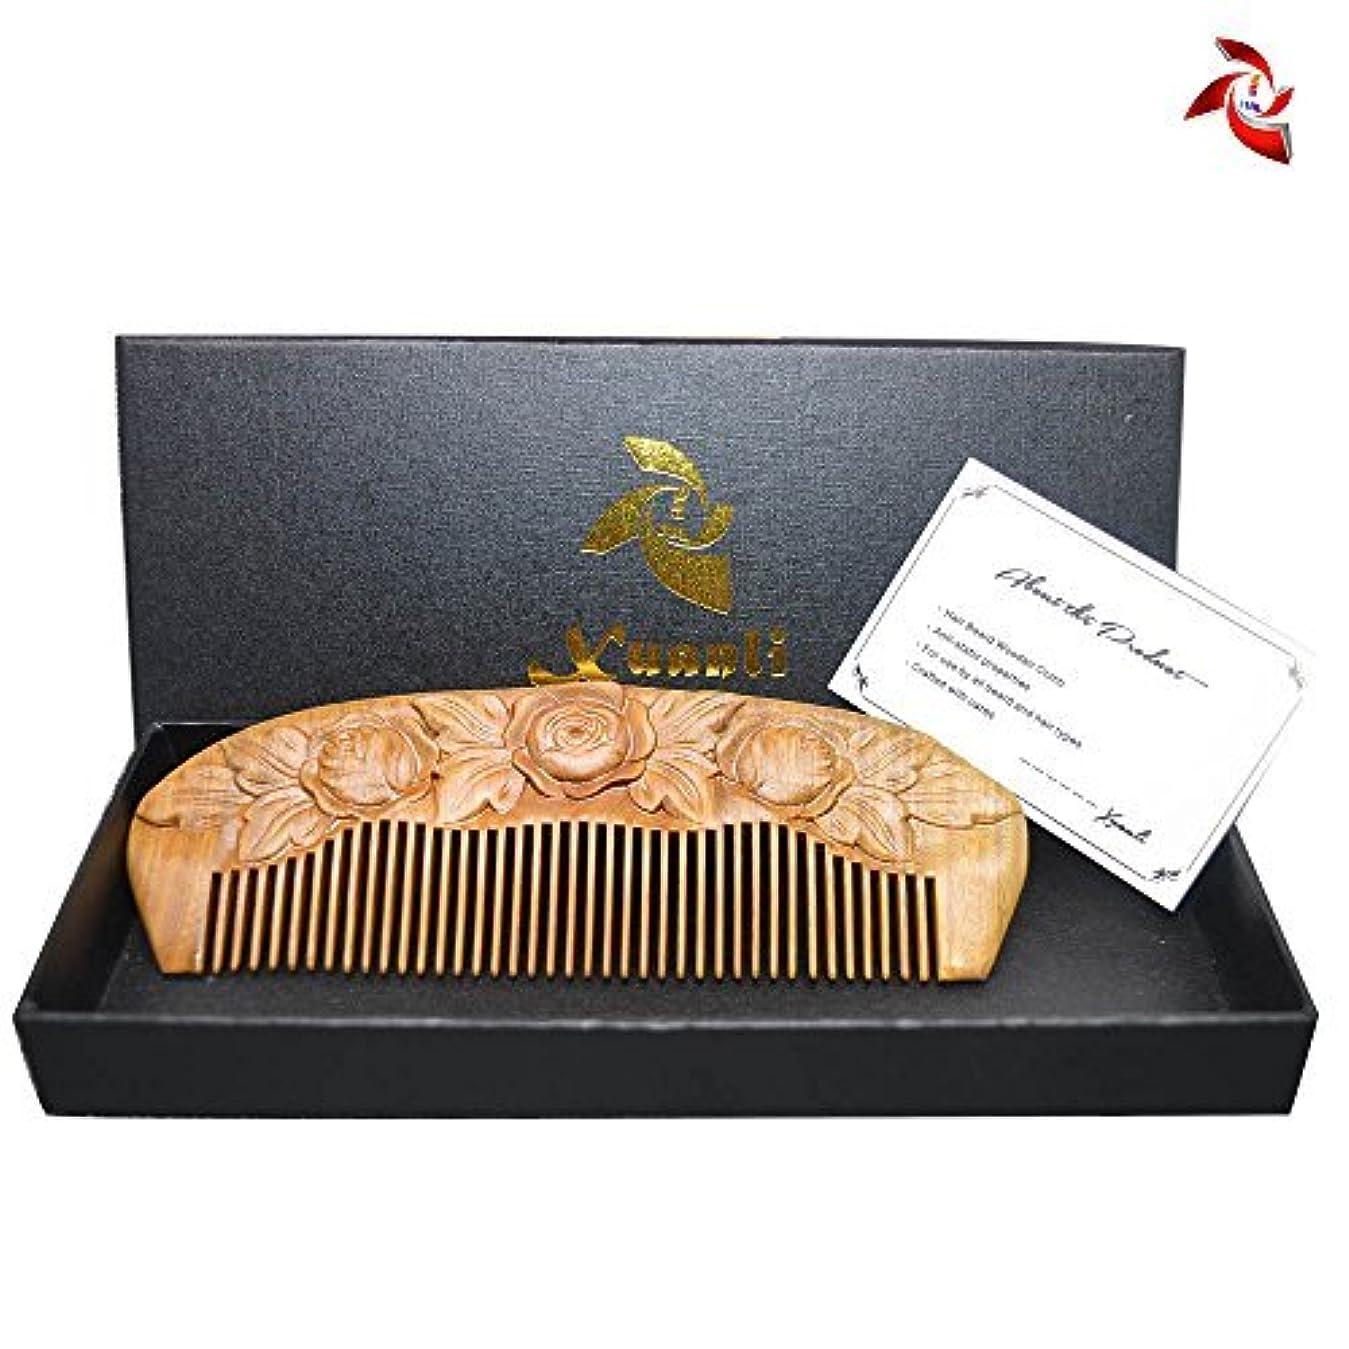 悪因子航空機包帯Xuanli Wood Combs Carving roses design Natural Green Sandalwood Combs Top Quality Handmade Combs For Hair No Static...